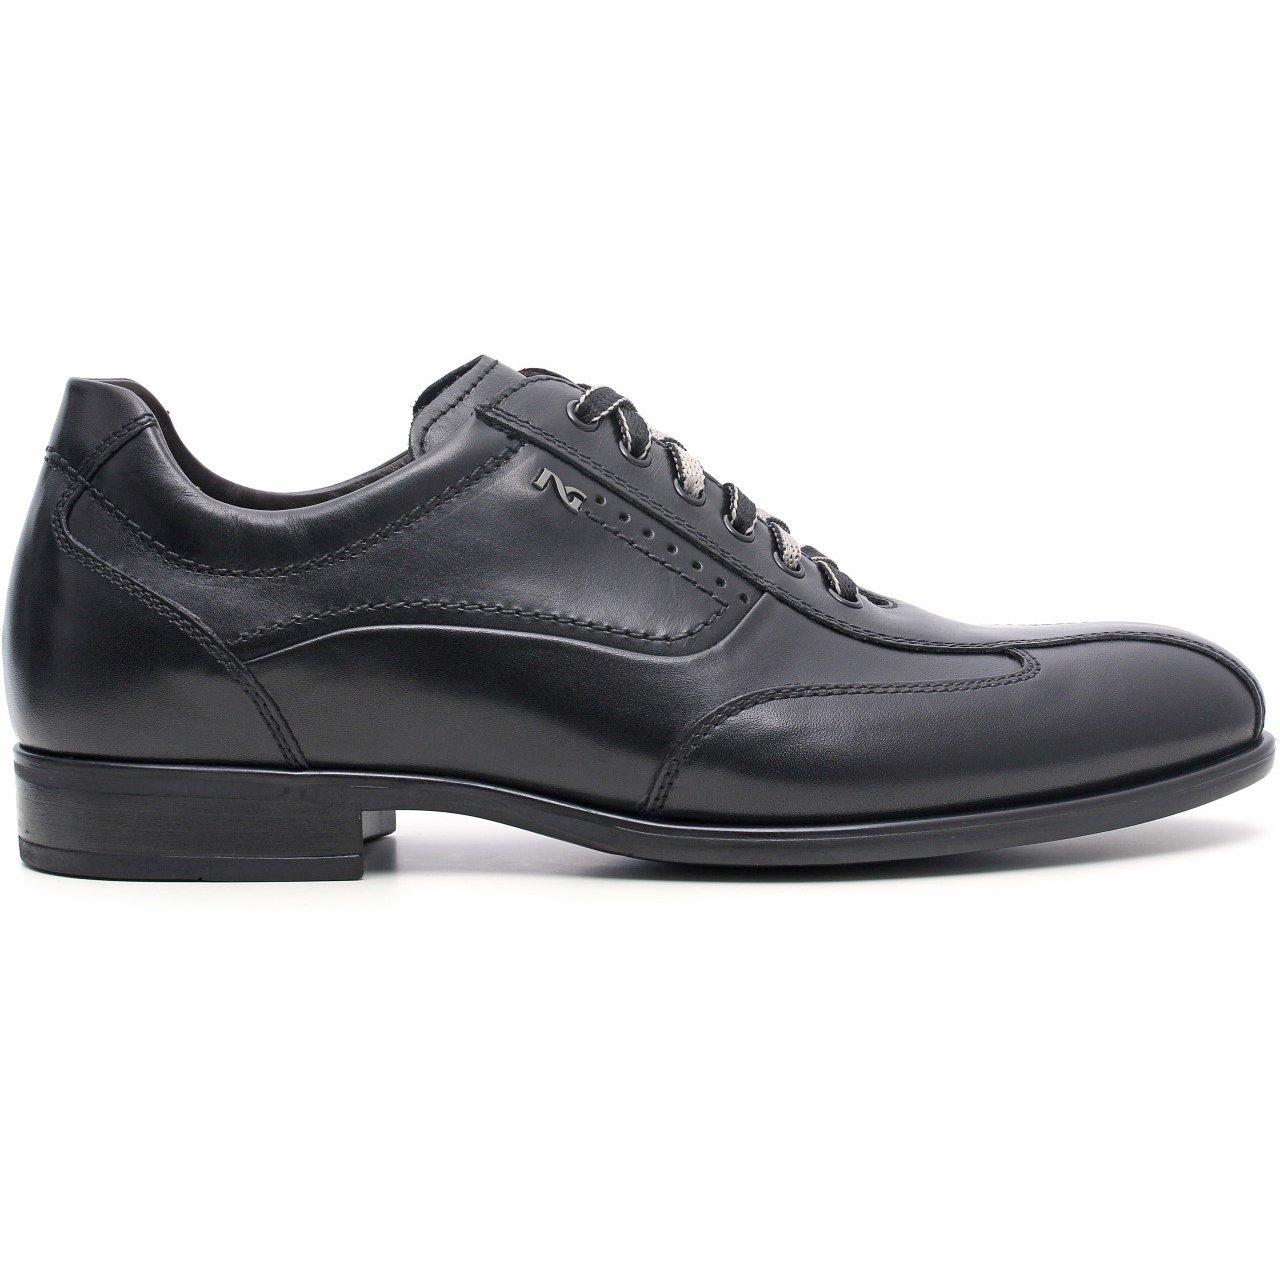 Nero giardini scarpa classica in pelle uomo a503580u 100 latini sport - Scarpa uomo nero giardini ...